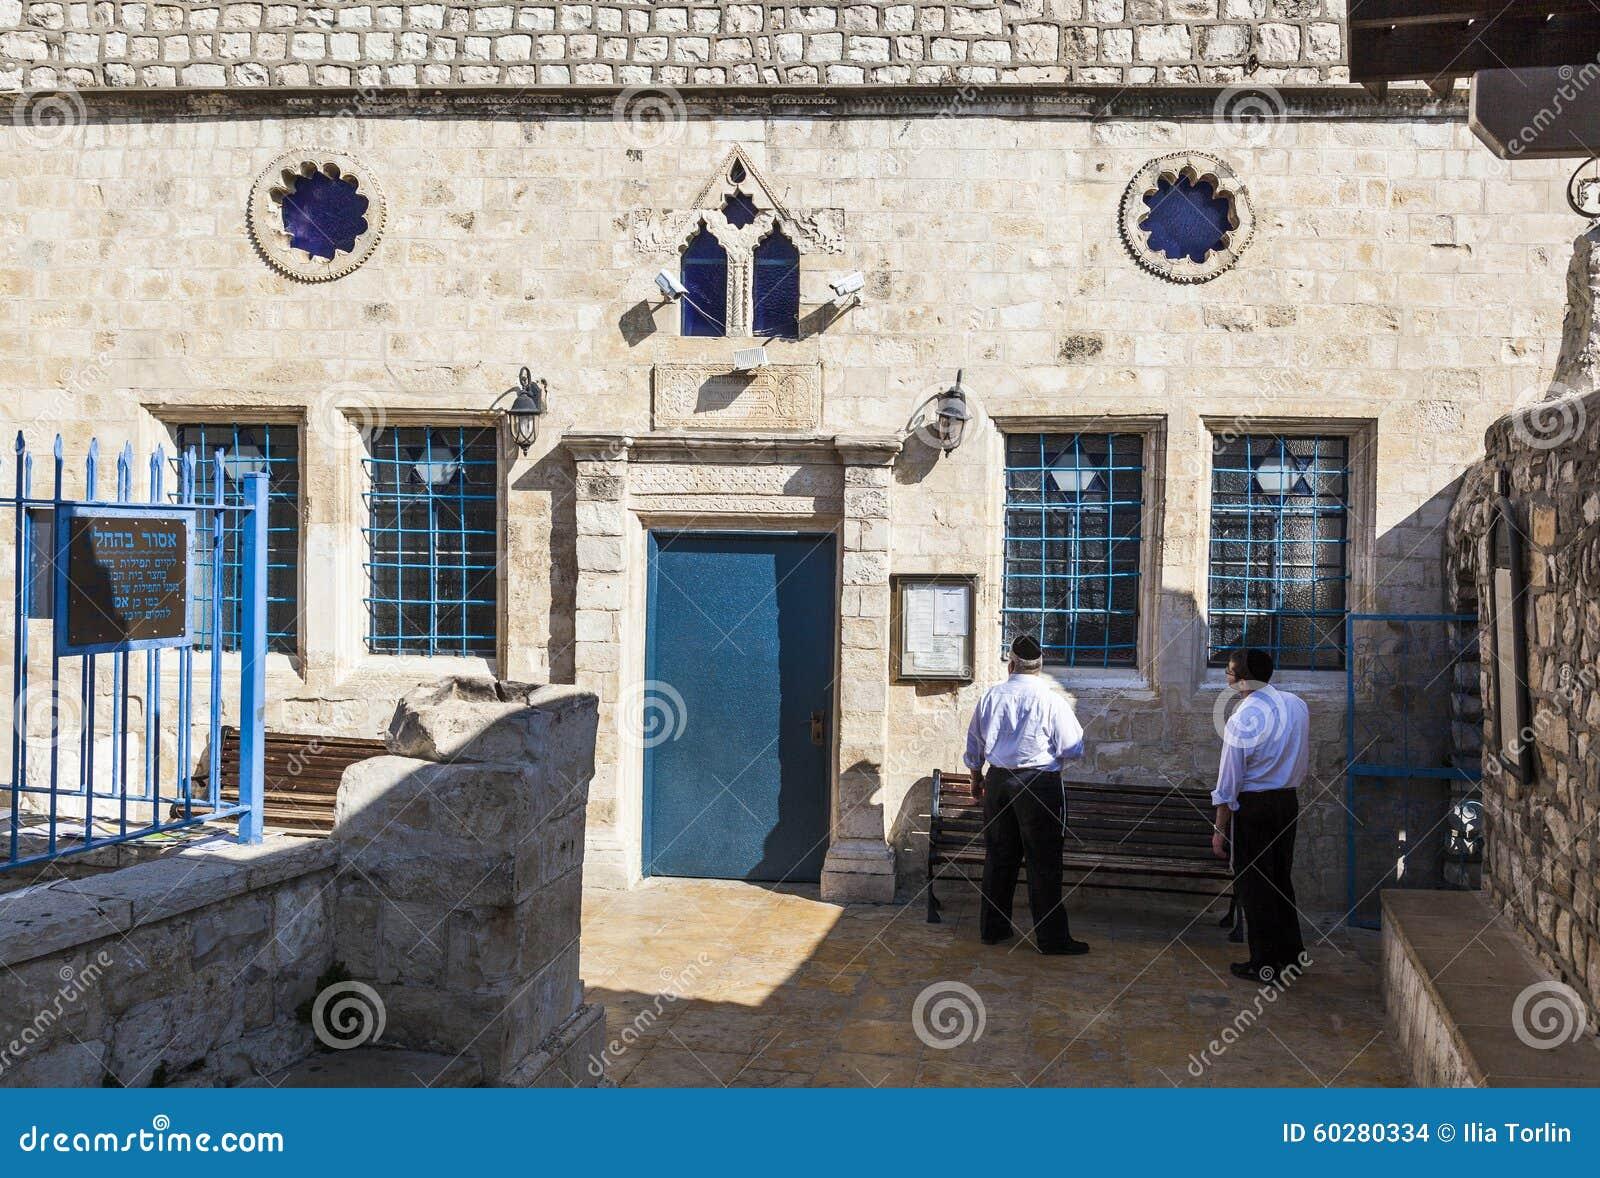 Aschkenasische Synagoge vor Shabbat Tzfat (Safed) israel